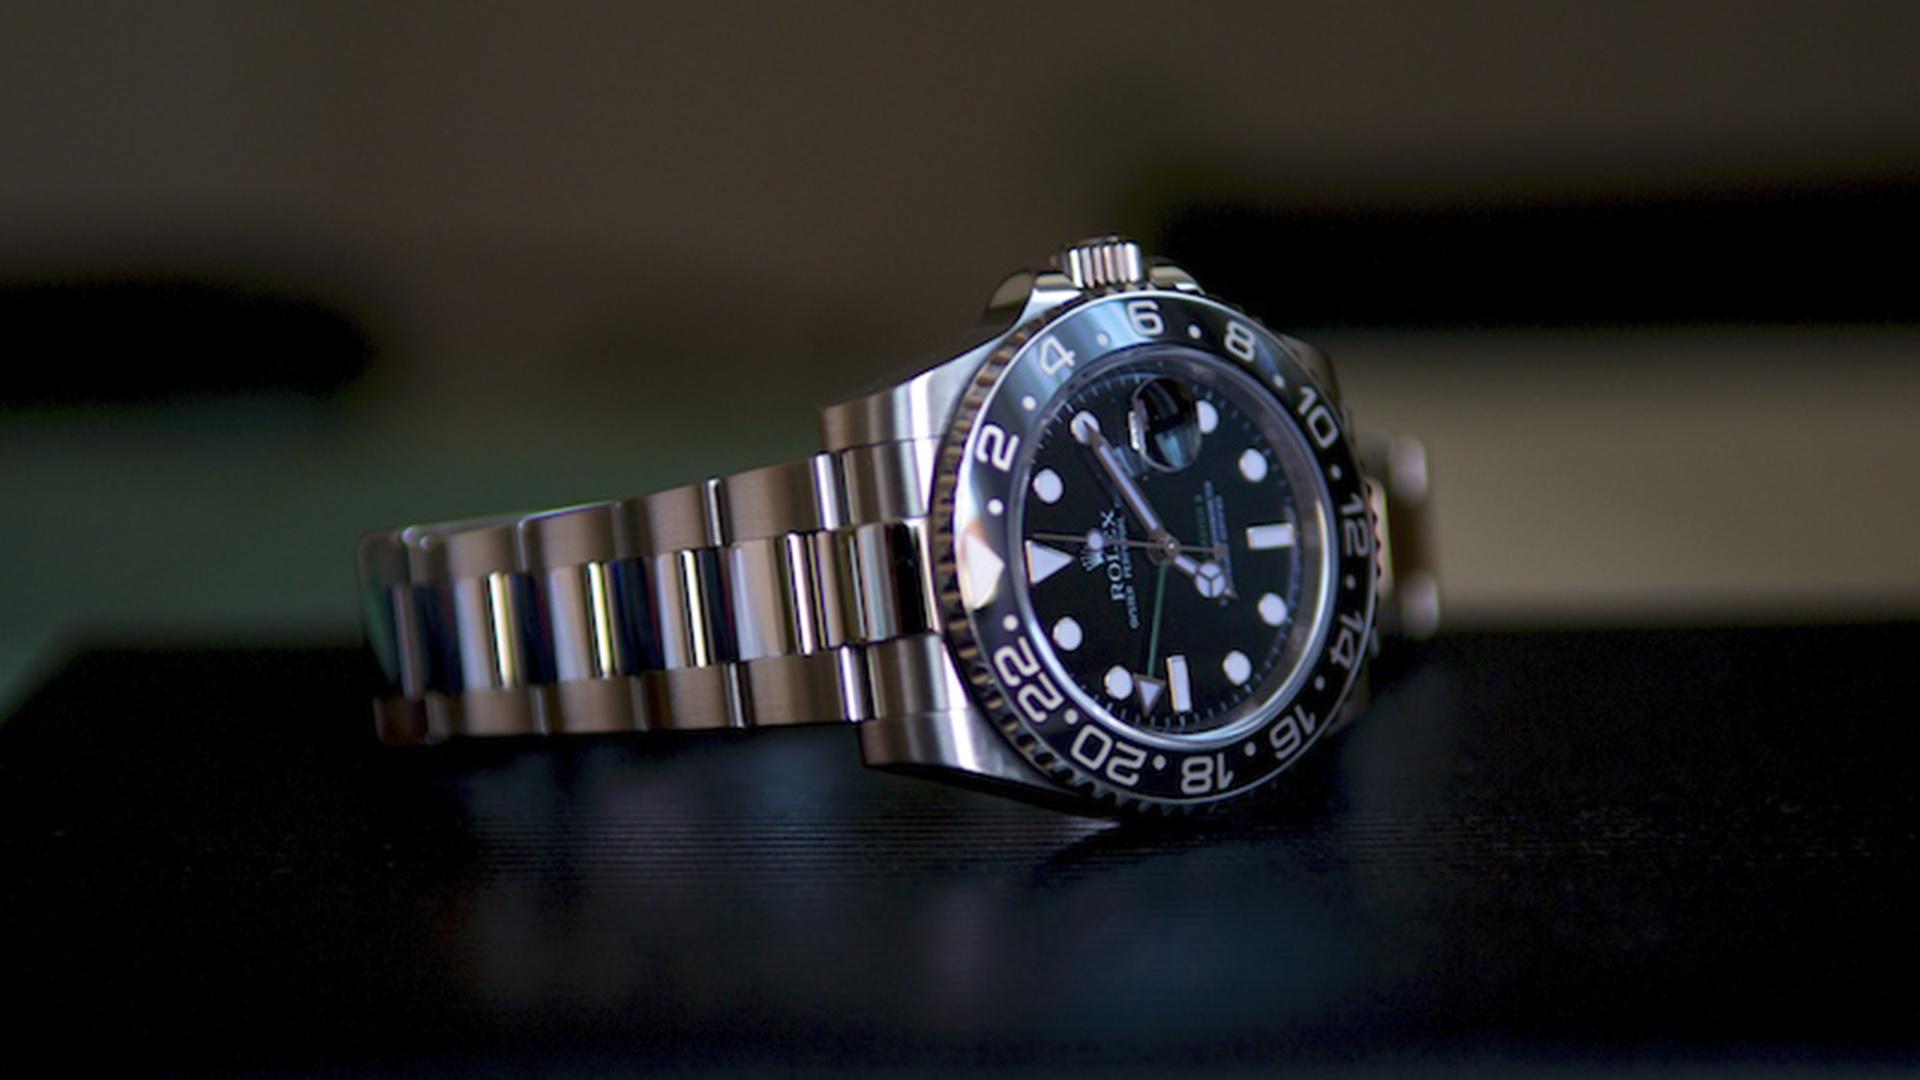 【メンズ】かっこいいと思われる腕時計の特徴10選!【女性ウケ抜群】